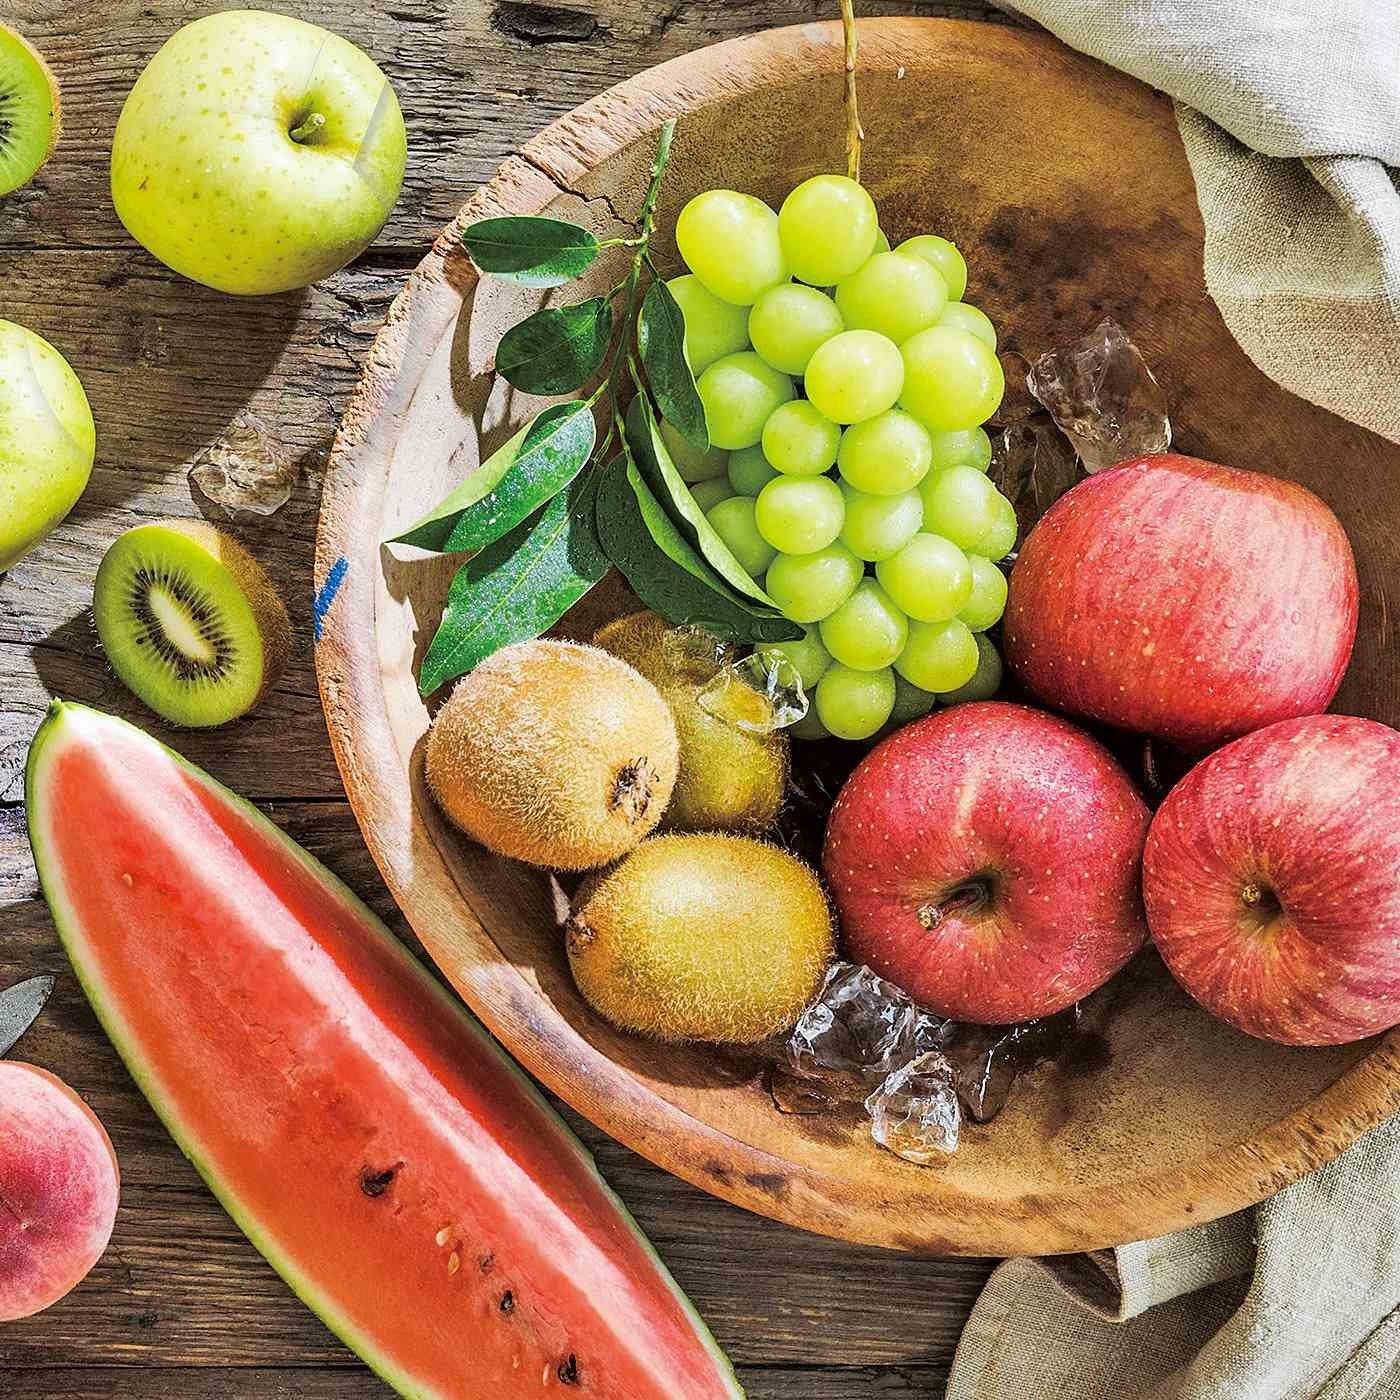 旬の果物食べ比べ(12ヵ月コース)